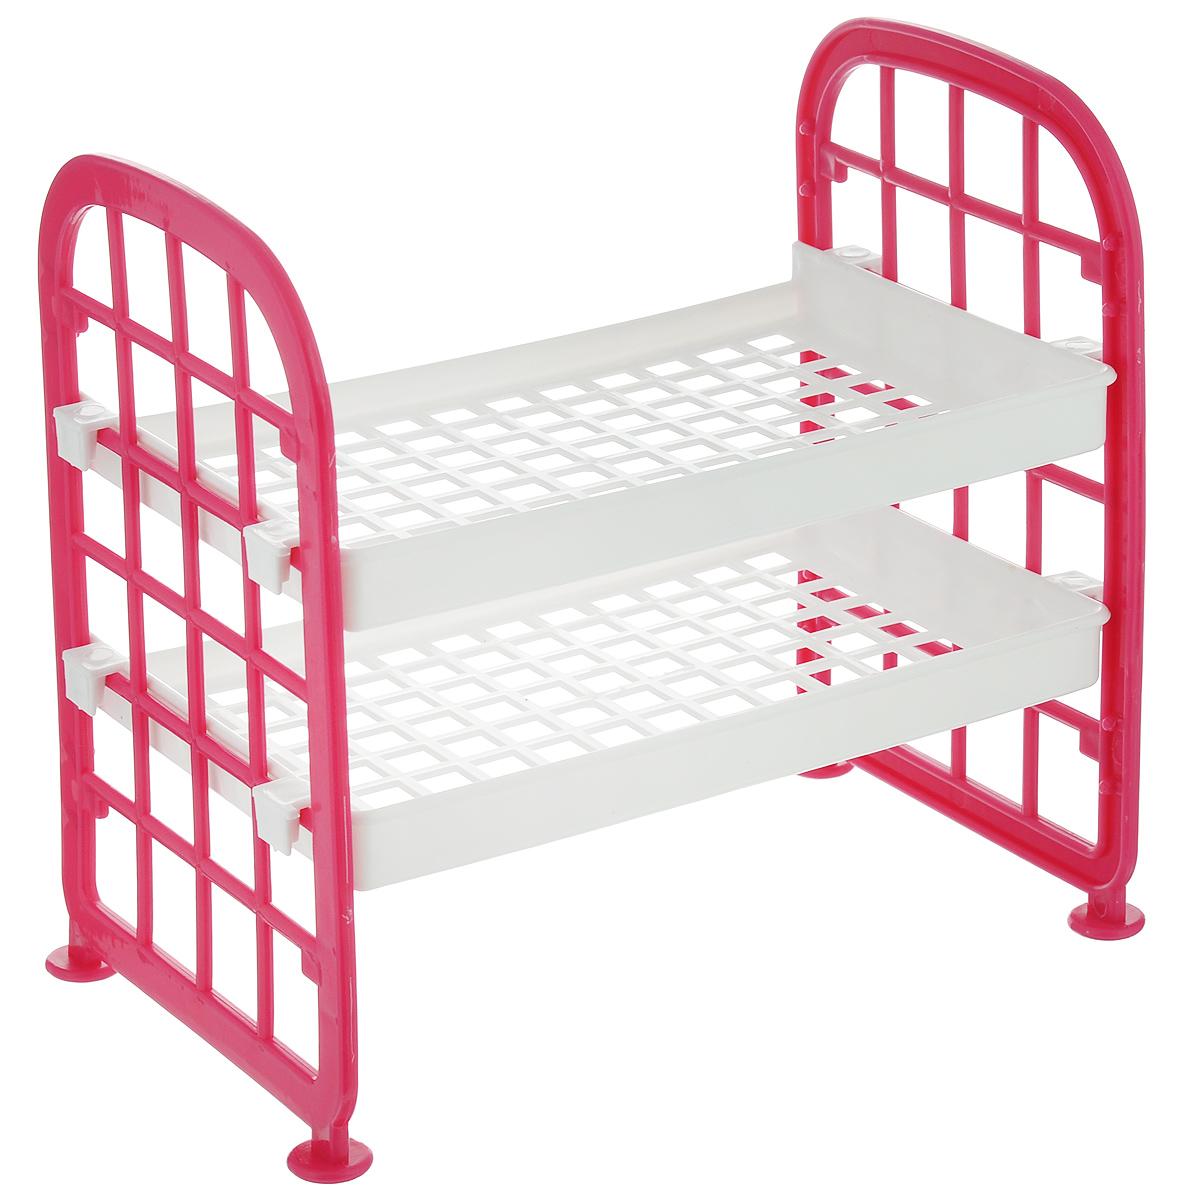 Этажерка Sima-land, 2-х ярусная, цвет: белый, розовый, 21 см х 14 см х 21 см862452_белый, розовыйЭтажерка Sima-land выполнена из высококачественного прочного пластика в виде двухъярусной кровати. Содержит 2 прямоугольные полки, оформленные перфорацией в виде квадратов. Этажерка предназначена для хранения различных бытовых предметов в ванне, комнате и на кухне. Легко складывается и раскладывается. Размер этажерки (ДхШхВ): 21 см х 14 см х 21 см. Размер полки (ДхШхВ): 21 см х 14 см х 2 см.